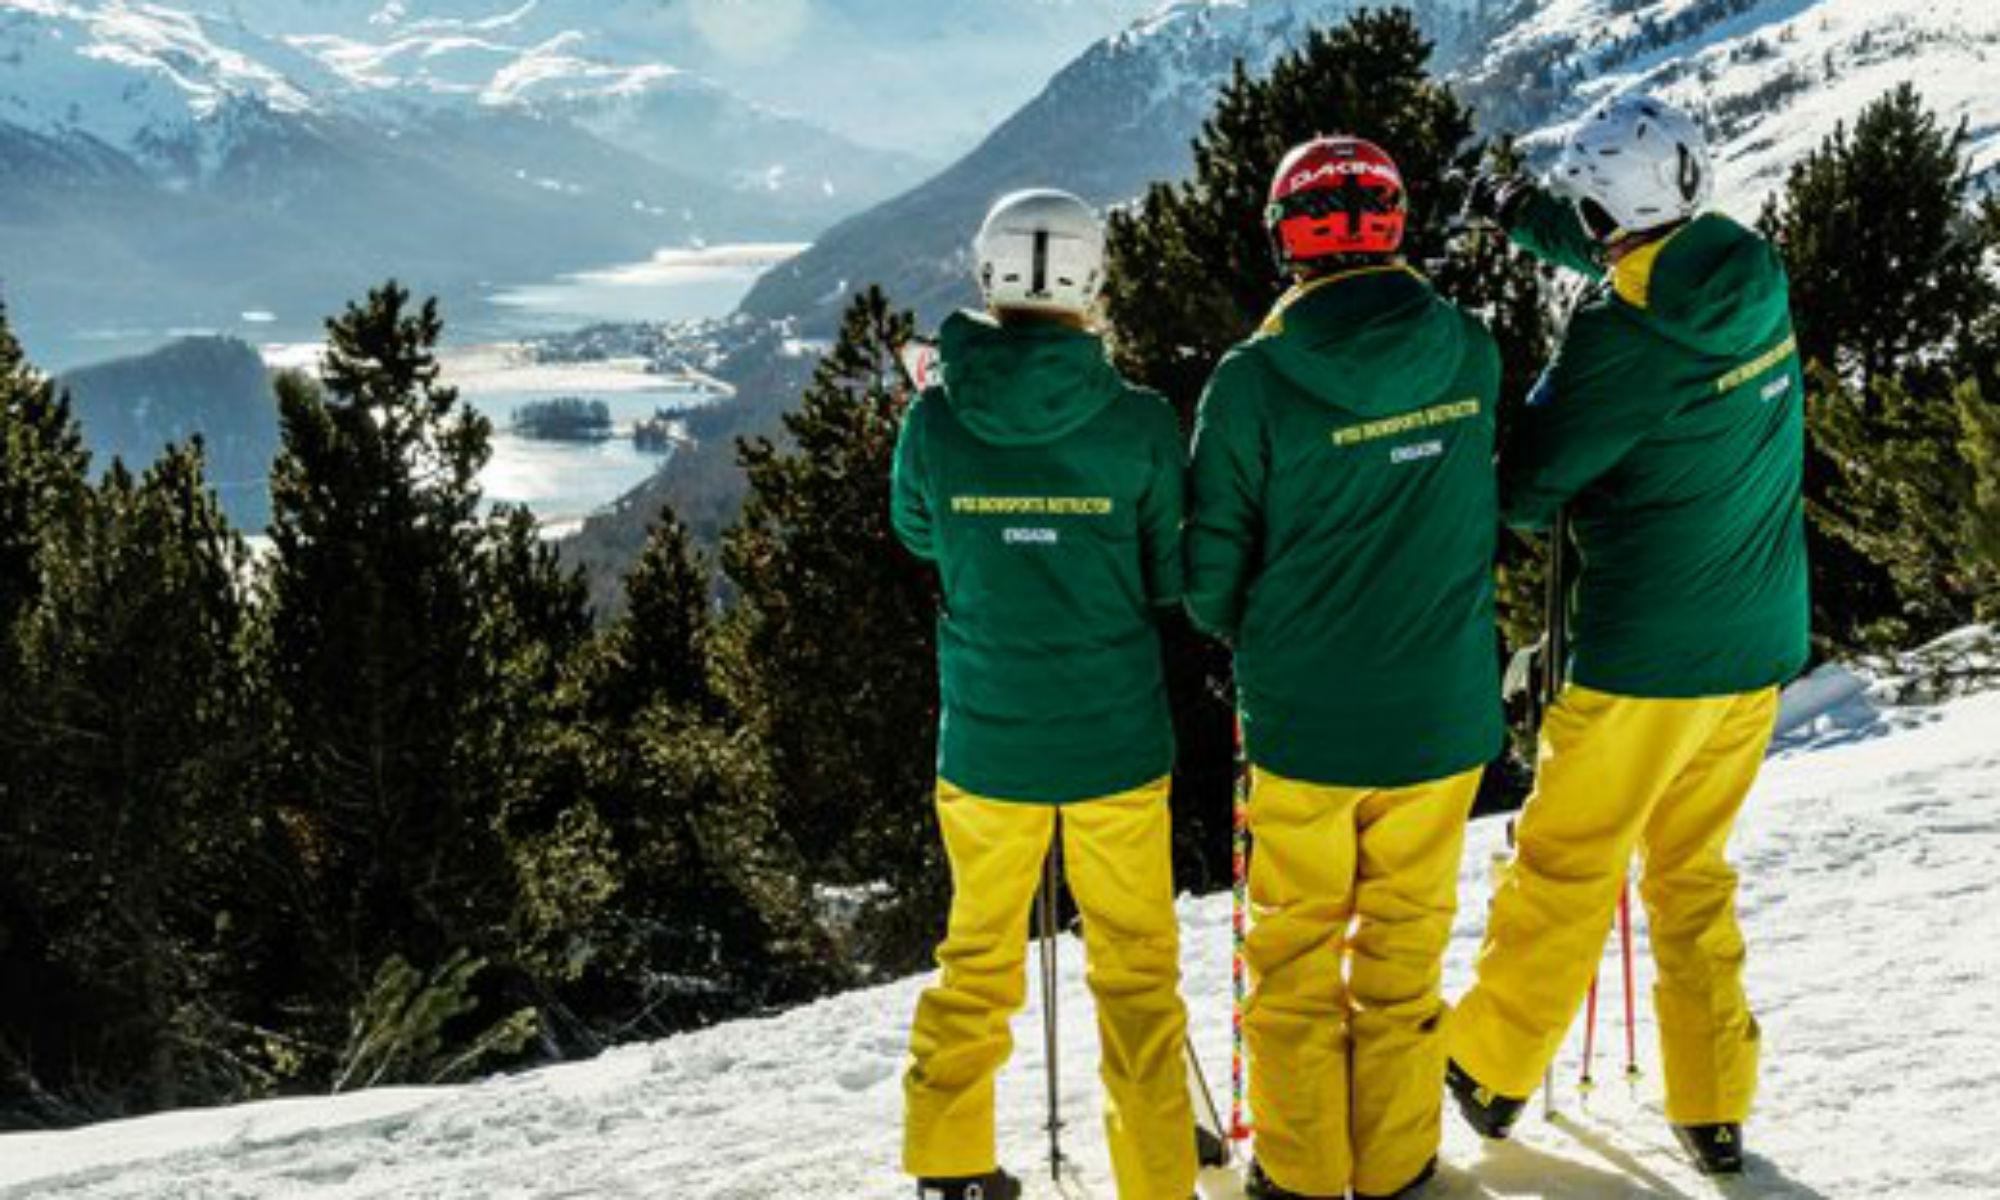 3 Skilehrer der Skischule Wyss Snowsports blicken vom Berg hinab in das Tal.